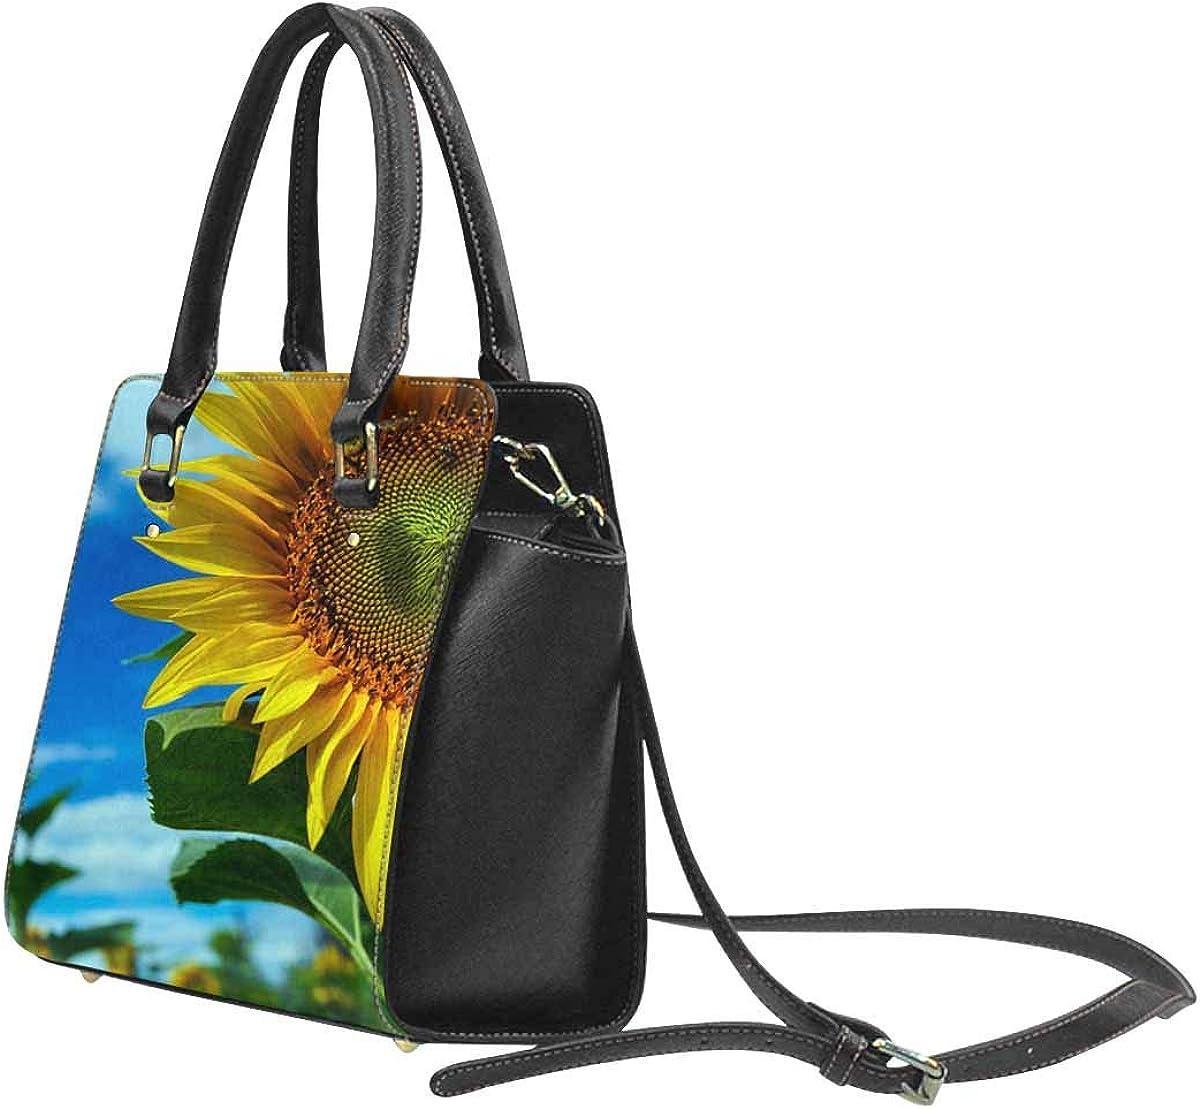 INTERESTPRINT Sunflower Green Leaf Top Handle Satchel Purse for Woman Tote Shoulder Bag